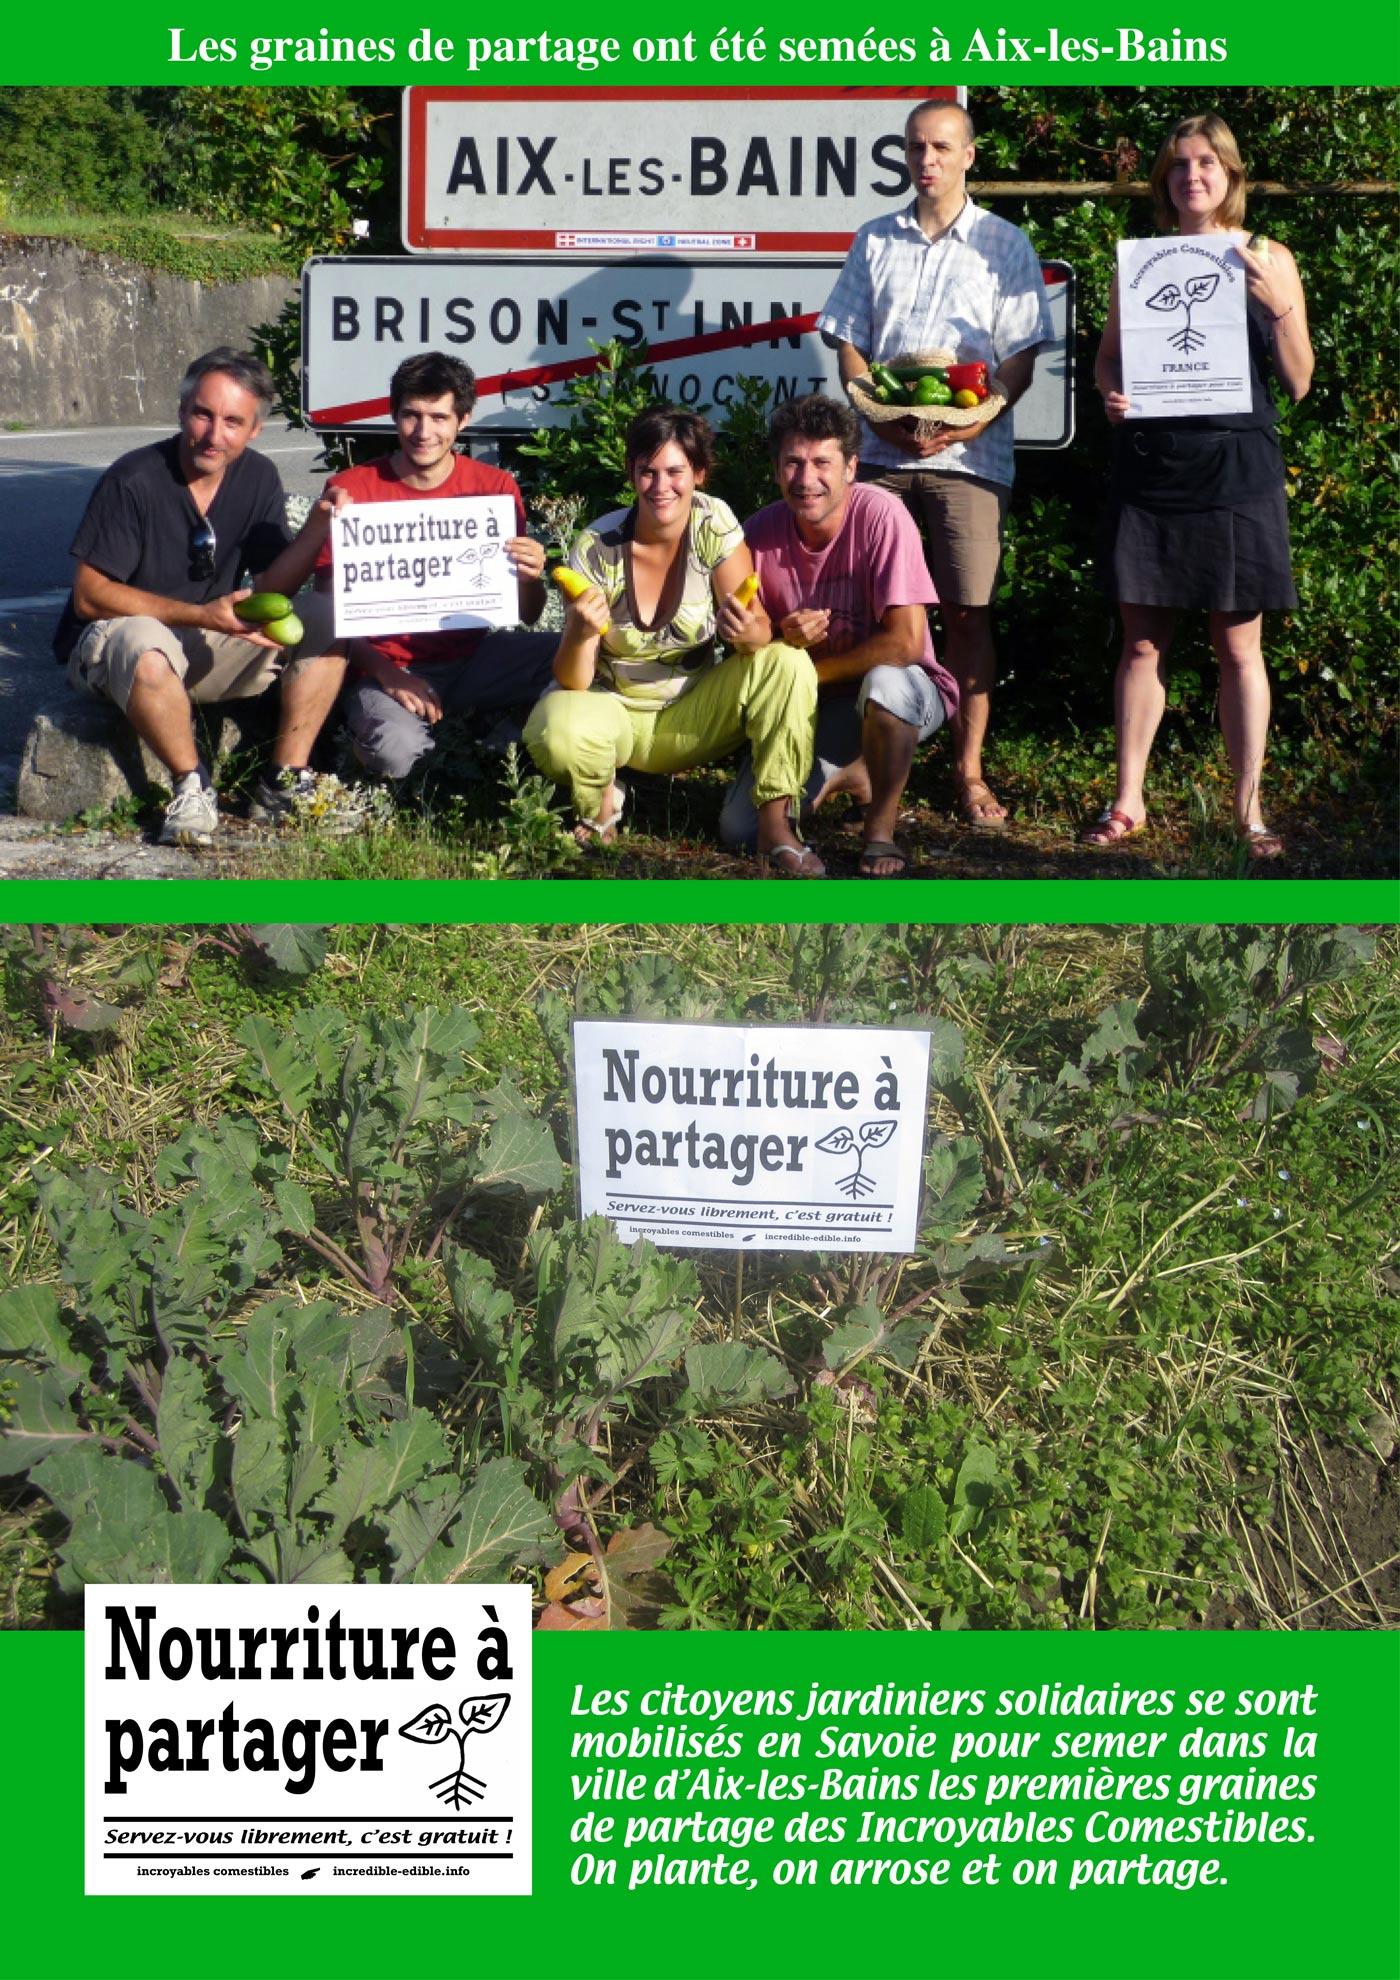 c591_incredible_edible_todmorden_france_savoie_aix-les-bains_partage_incroyables_comestibles_w1400